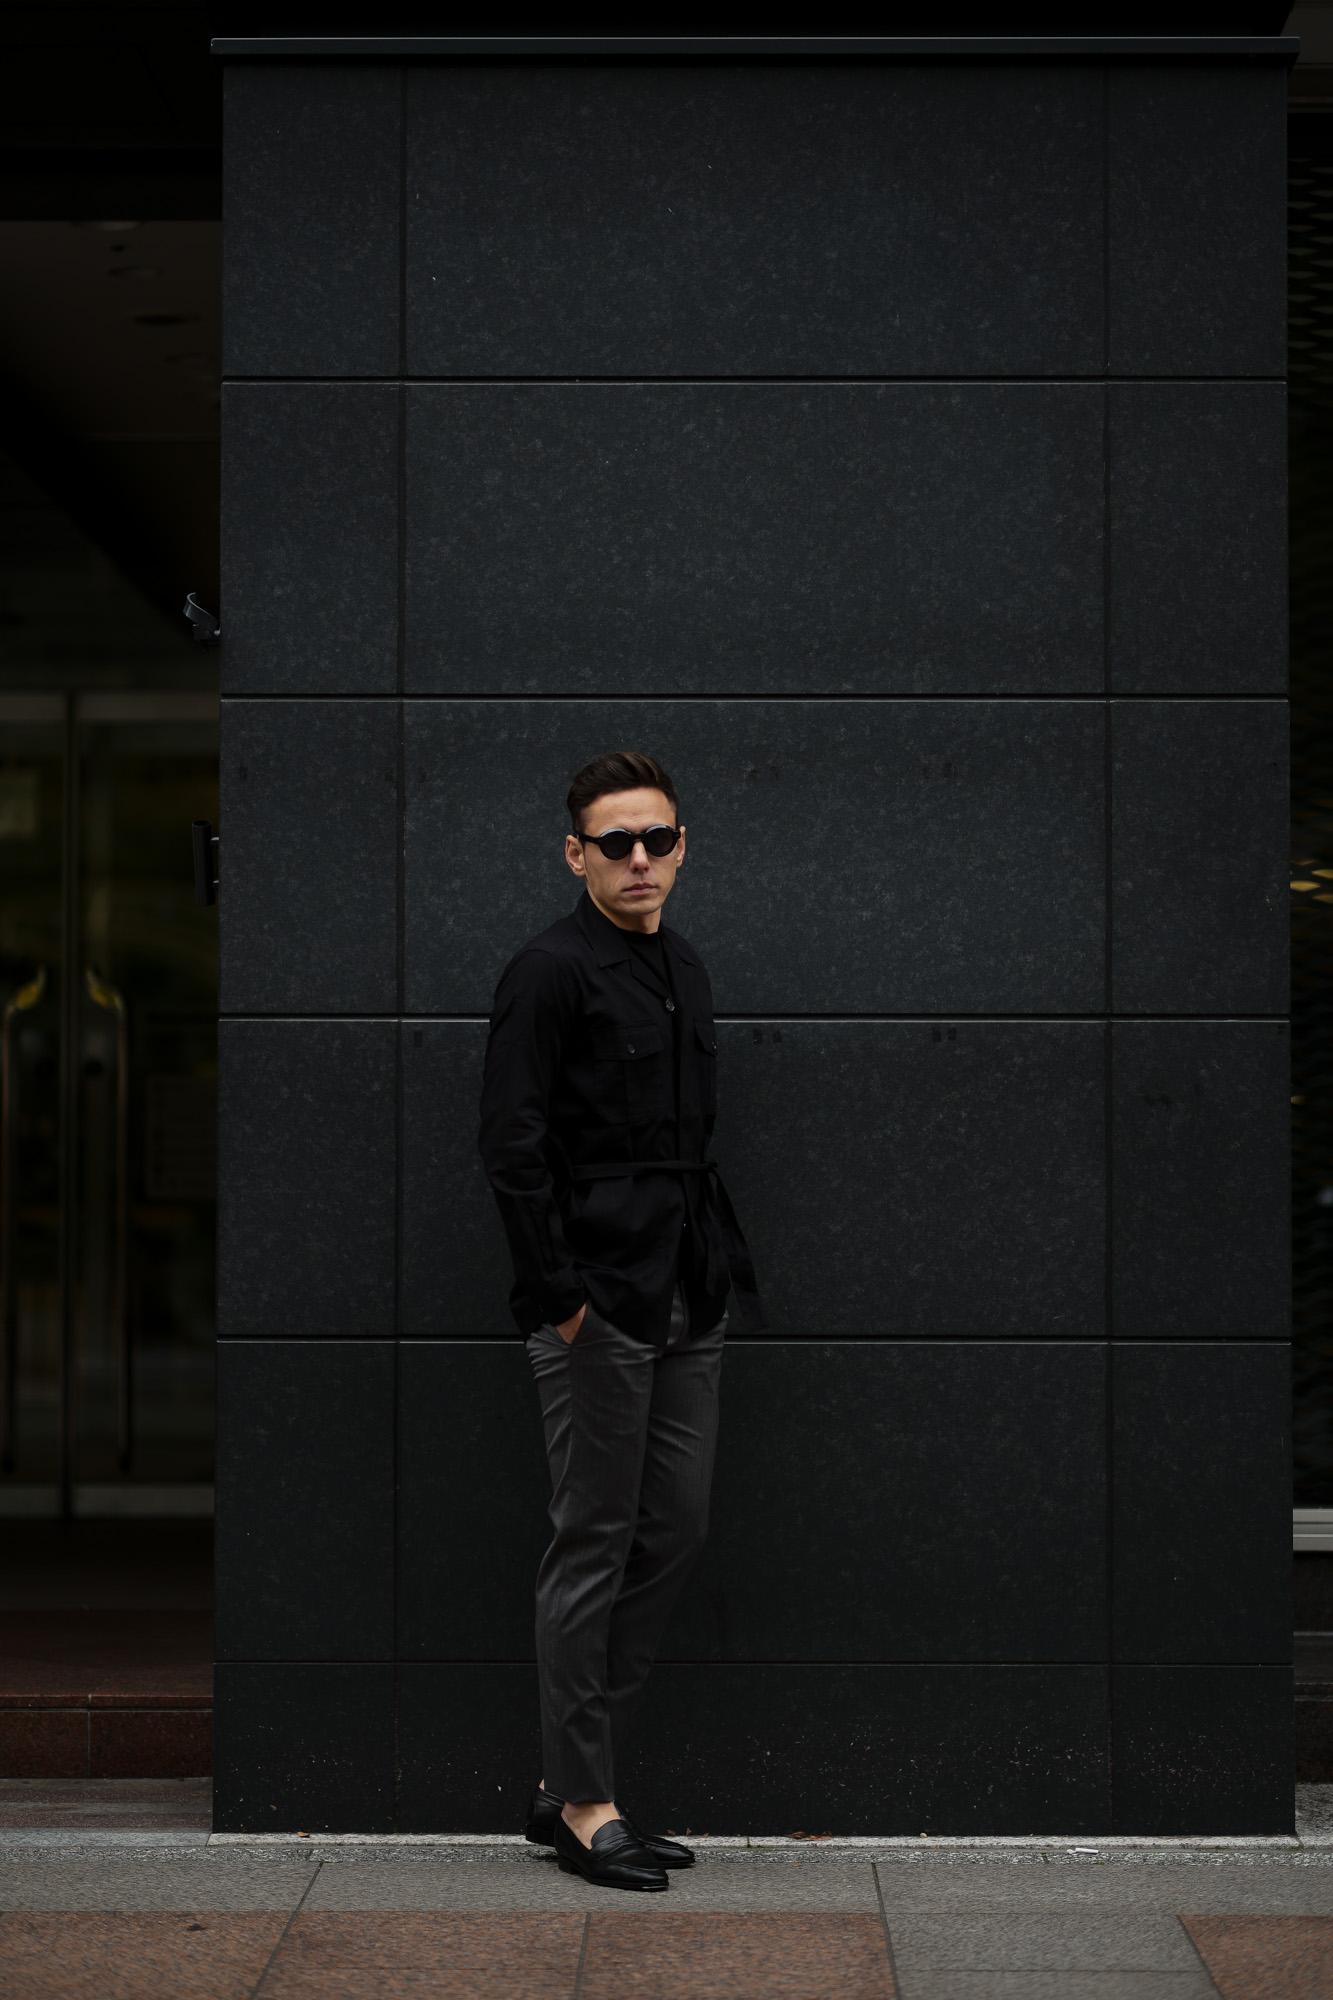 ORIAN (オリアン) LARMY リネンコットン サファリ ジャケット BLACK (ブラック・90) Made in italy (イタリア製) 2020 春夏新作 愛知 名古屋 altoediritto アルトエデリット